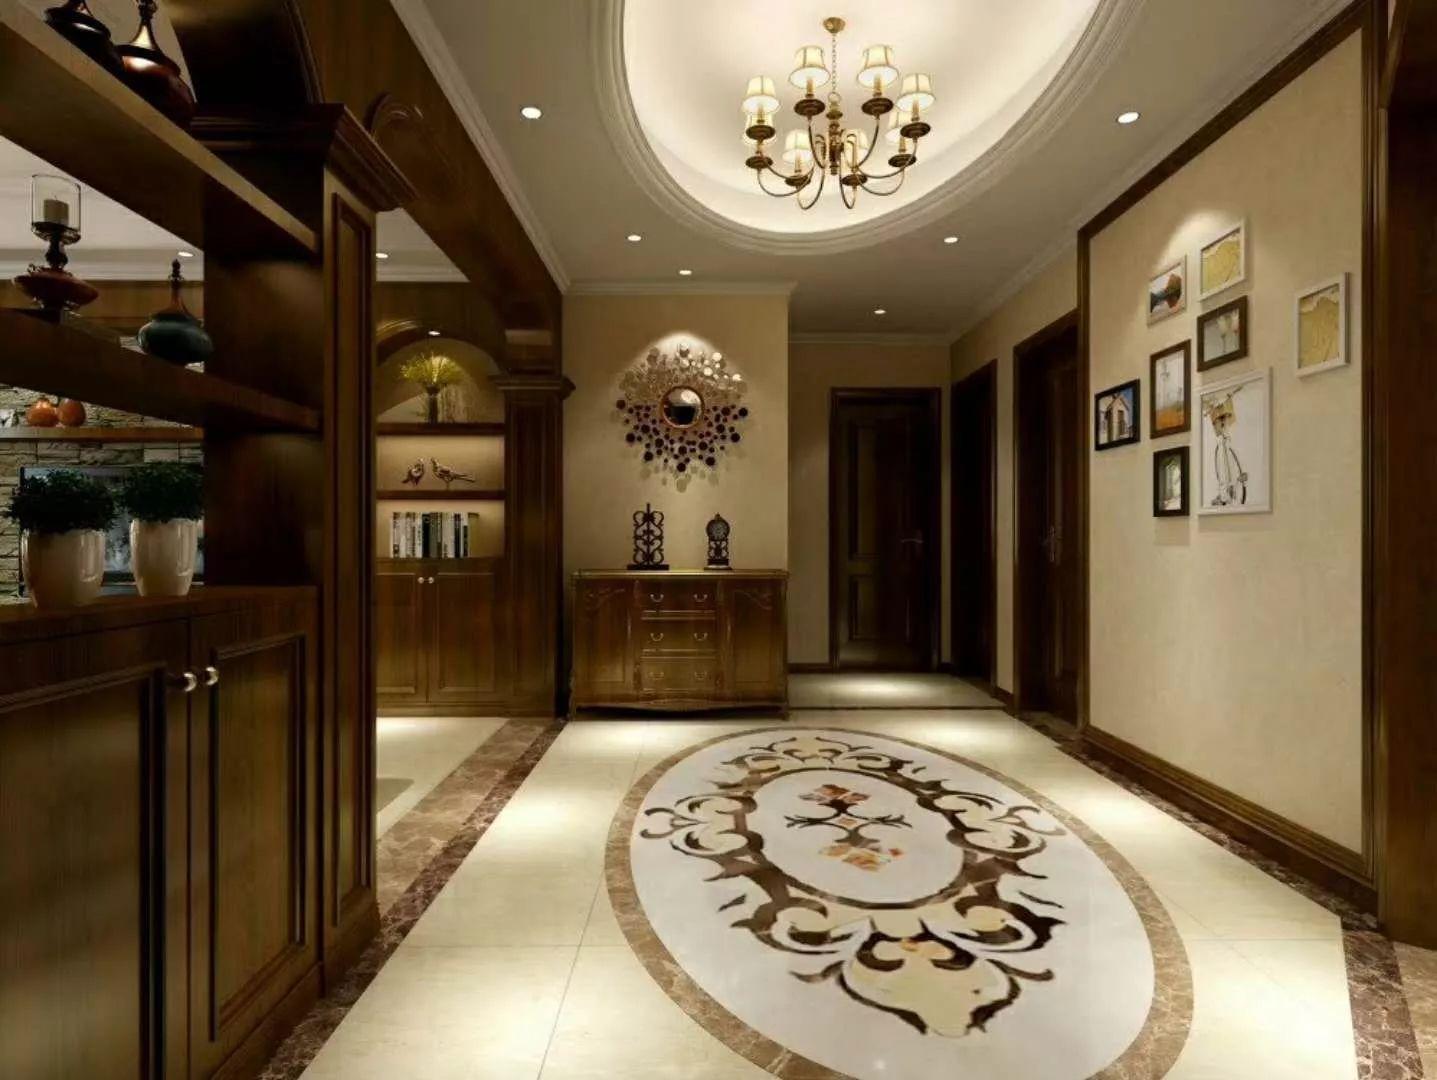 湛江市三羊装饰设计商铺 办公室 餐厅 美容院